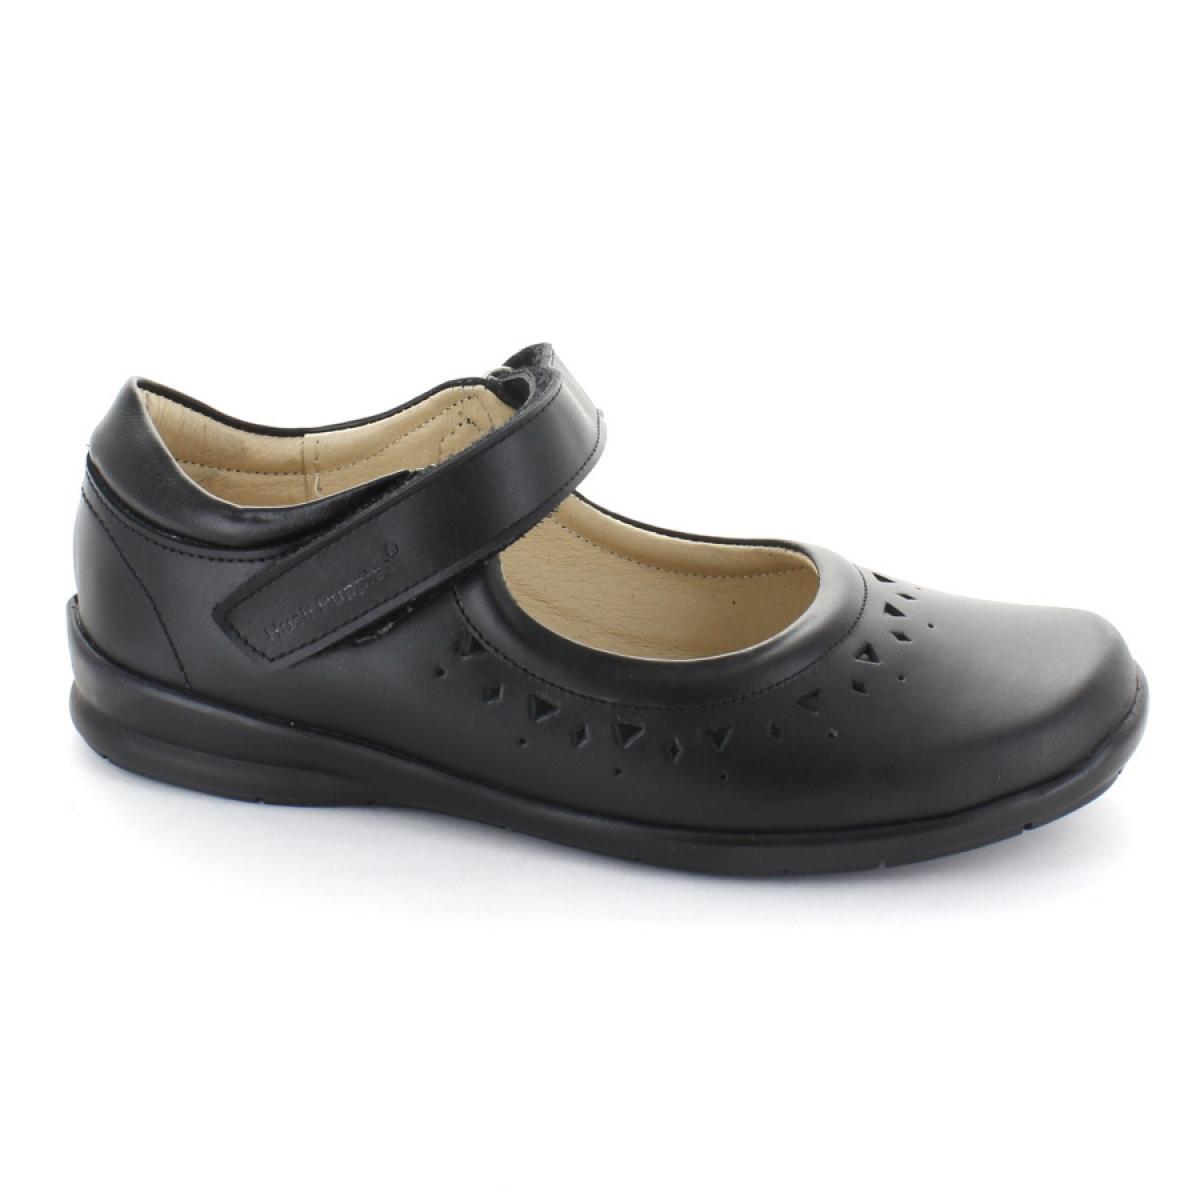 4b00f698 Zapato marca Hush Puppies modelo 60635 Color Negro